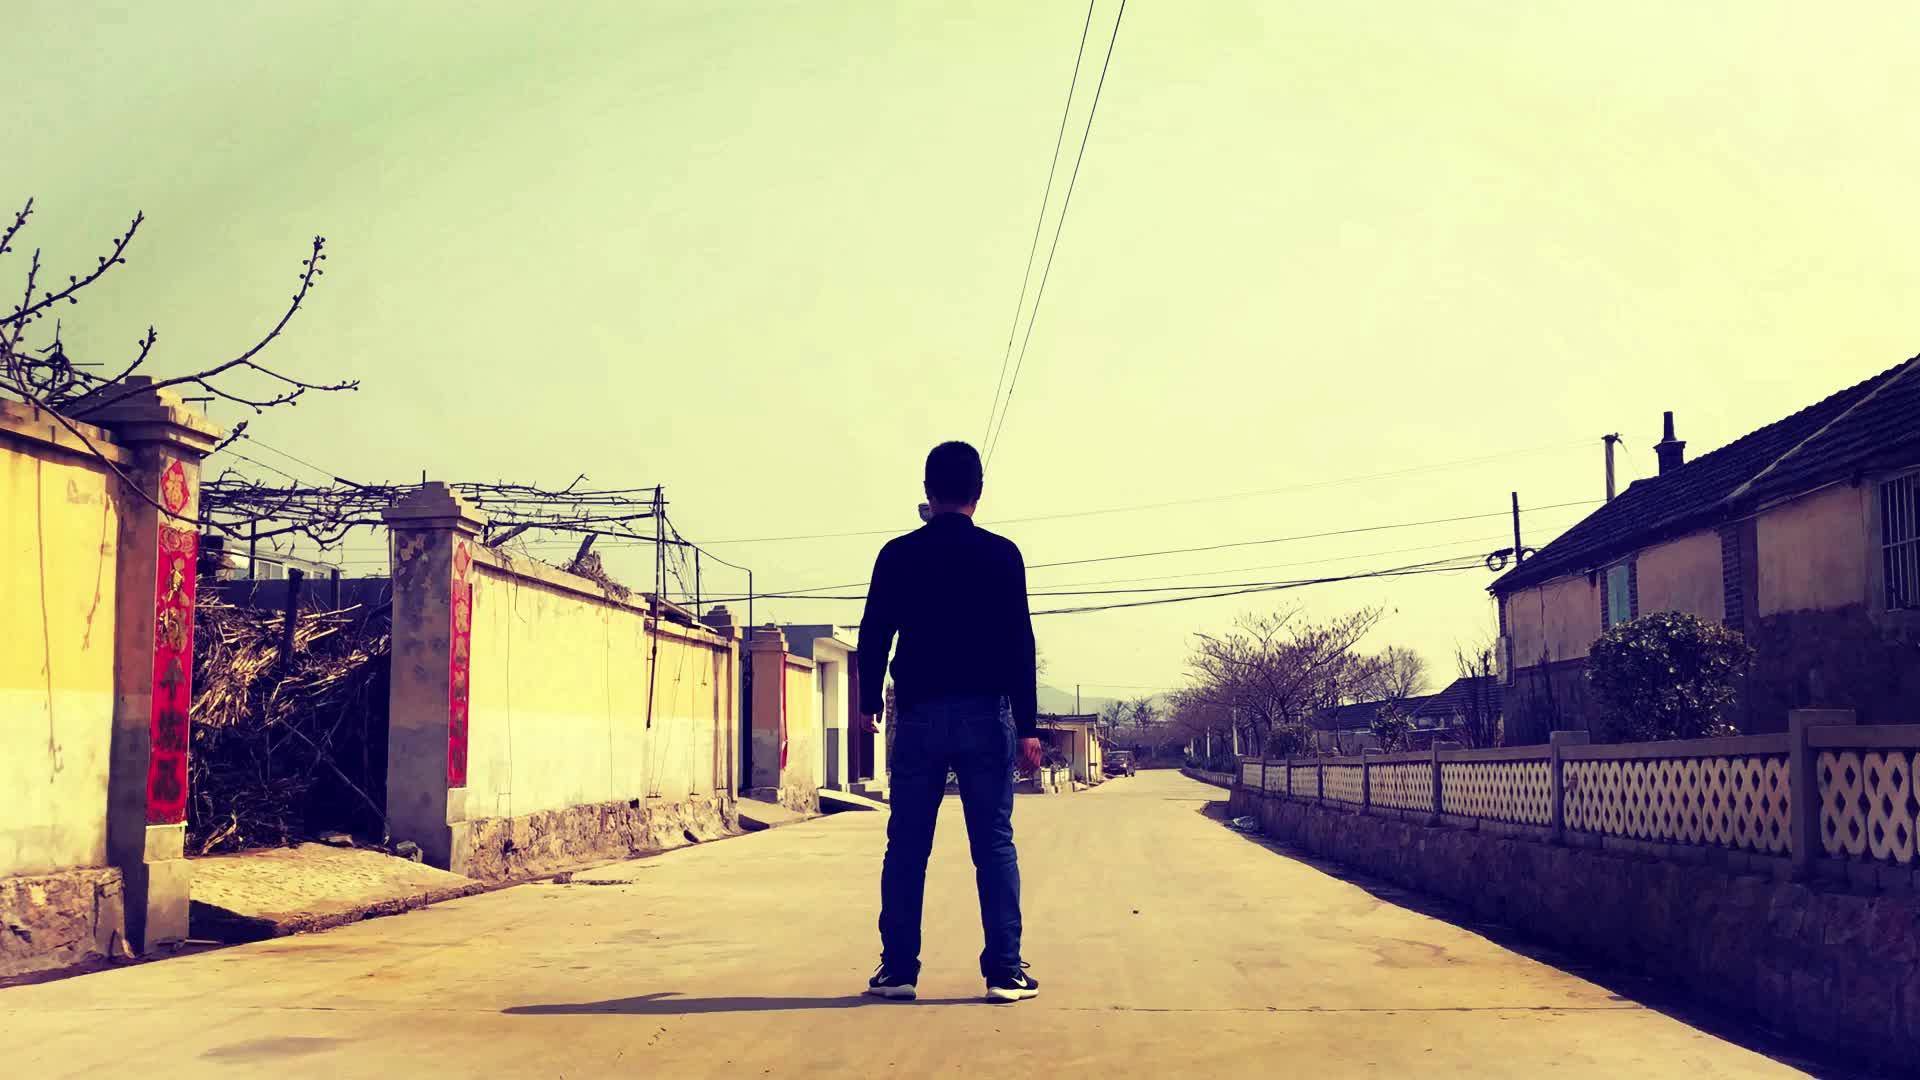 离开北京回到农村的第194天,我已经习惯了安逸,习惯了贫穷